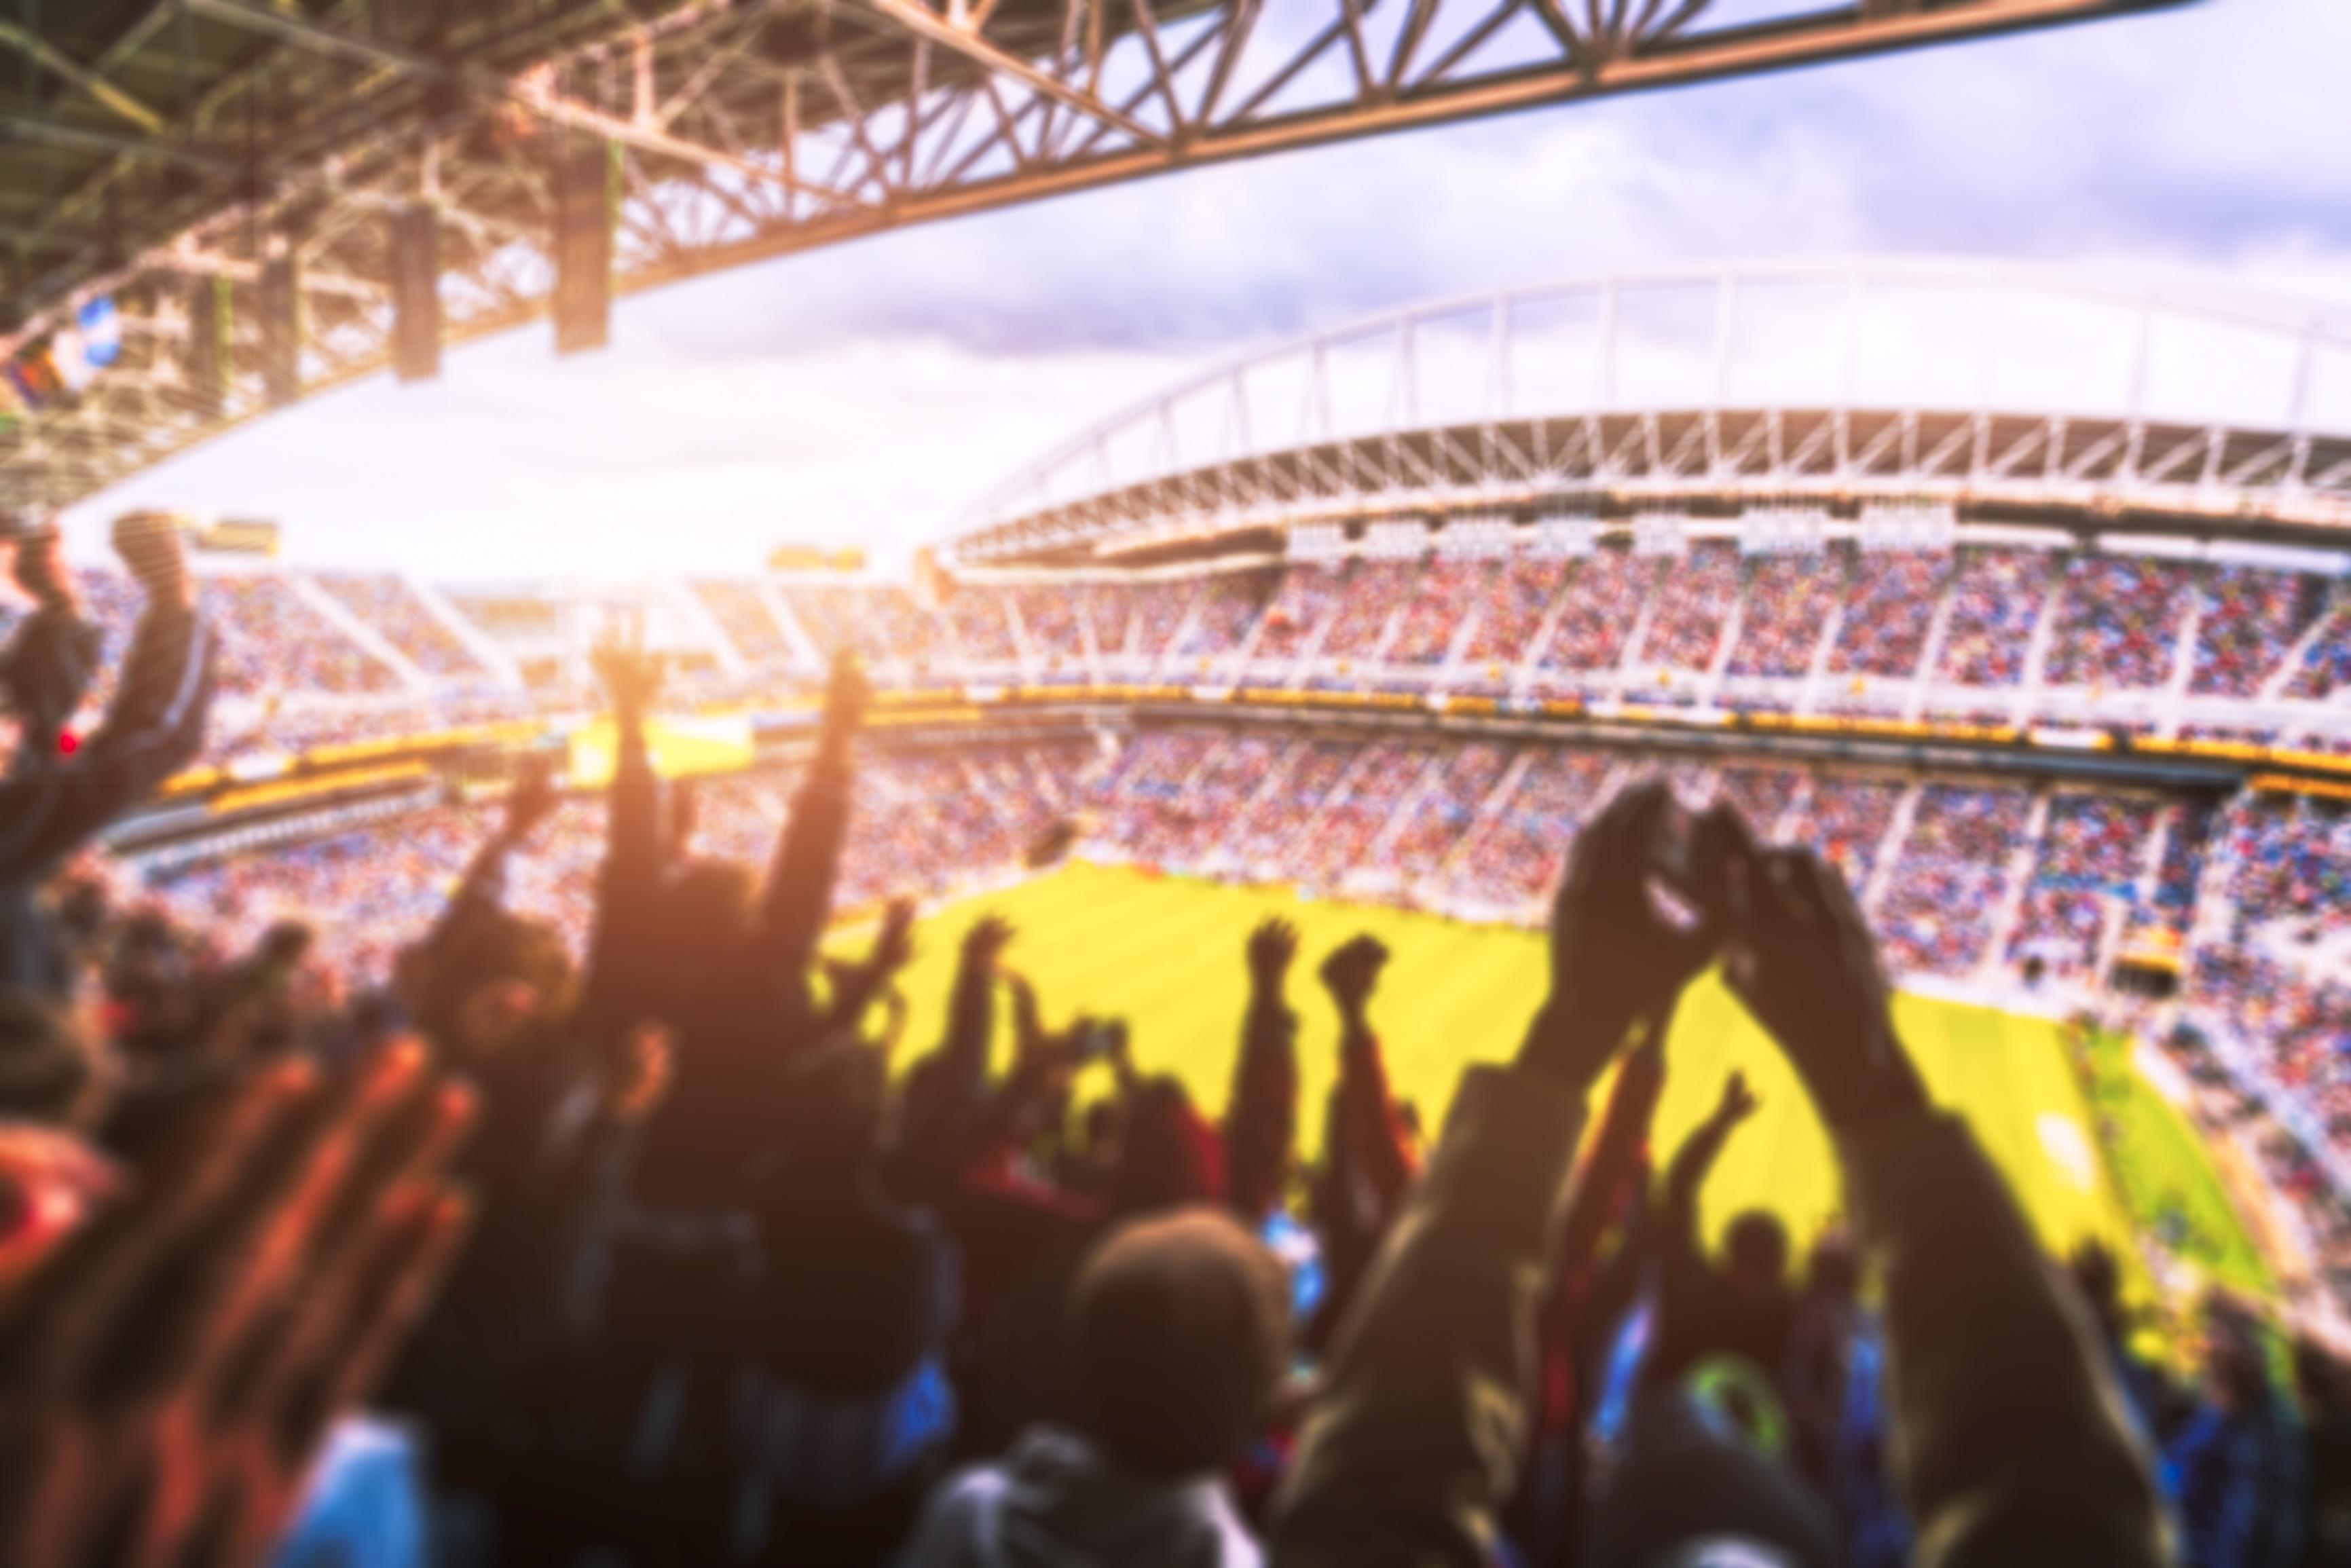 Chiliz anuncia la primera plataforma de intercambio para tokens de fanáticos deportivos en el mundo y presenta su primera asociación sudamericana con el equipo de fútbol argentino Independiente